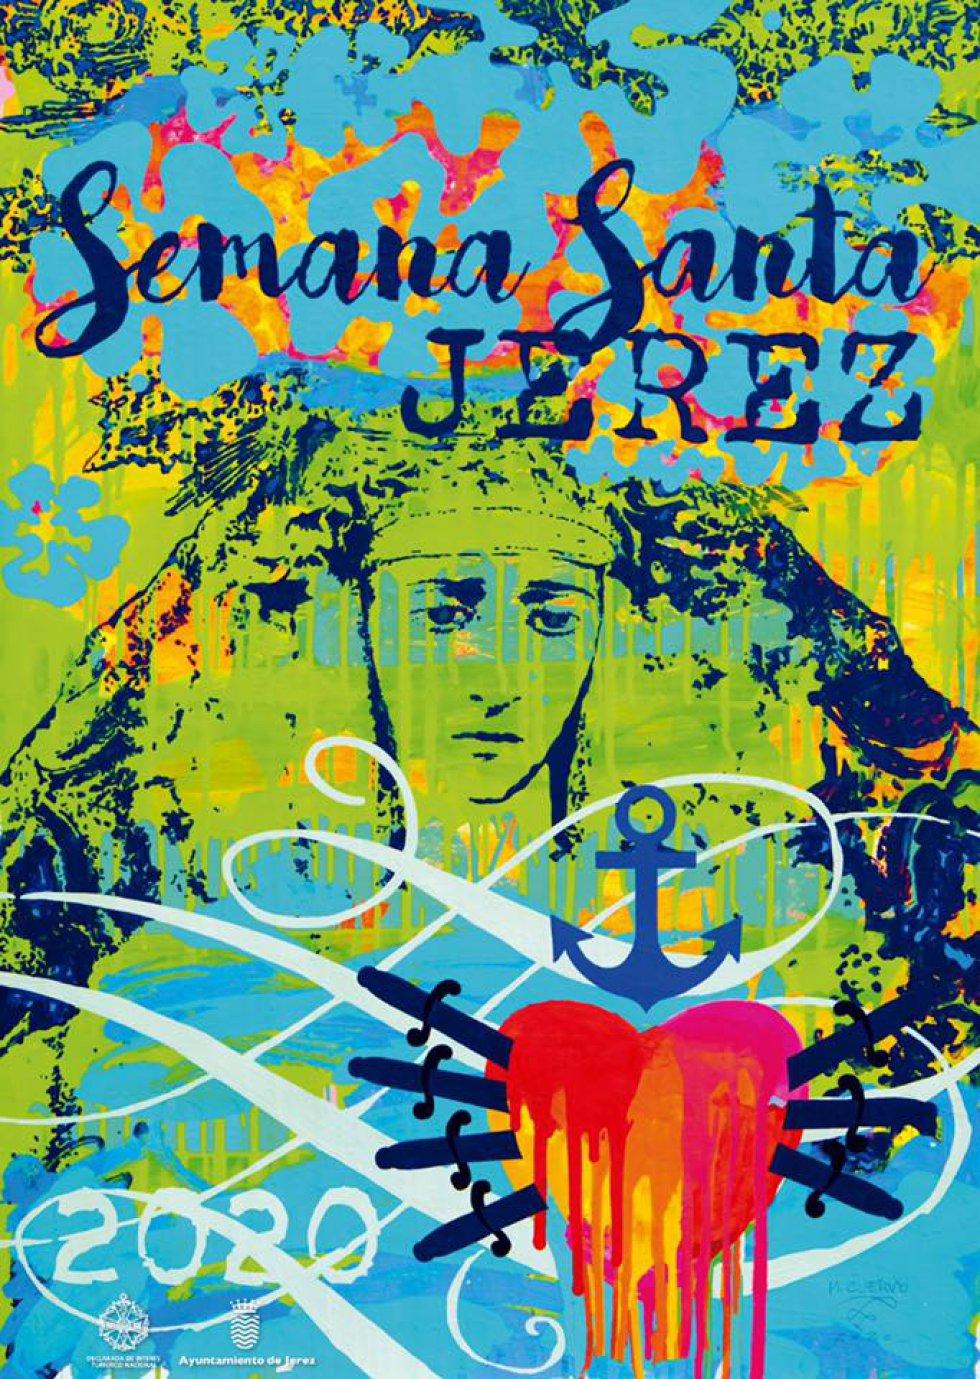 Comenzamos esta recopilación con el cartel 'art pop' de Manolo Cuervo para Jerez, en el que  Nuestra Señora de la Esperanza Coronada es la protagonista, junto a un corazón con los siete puñales y un ancla.